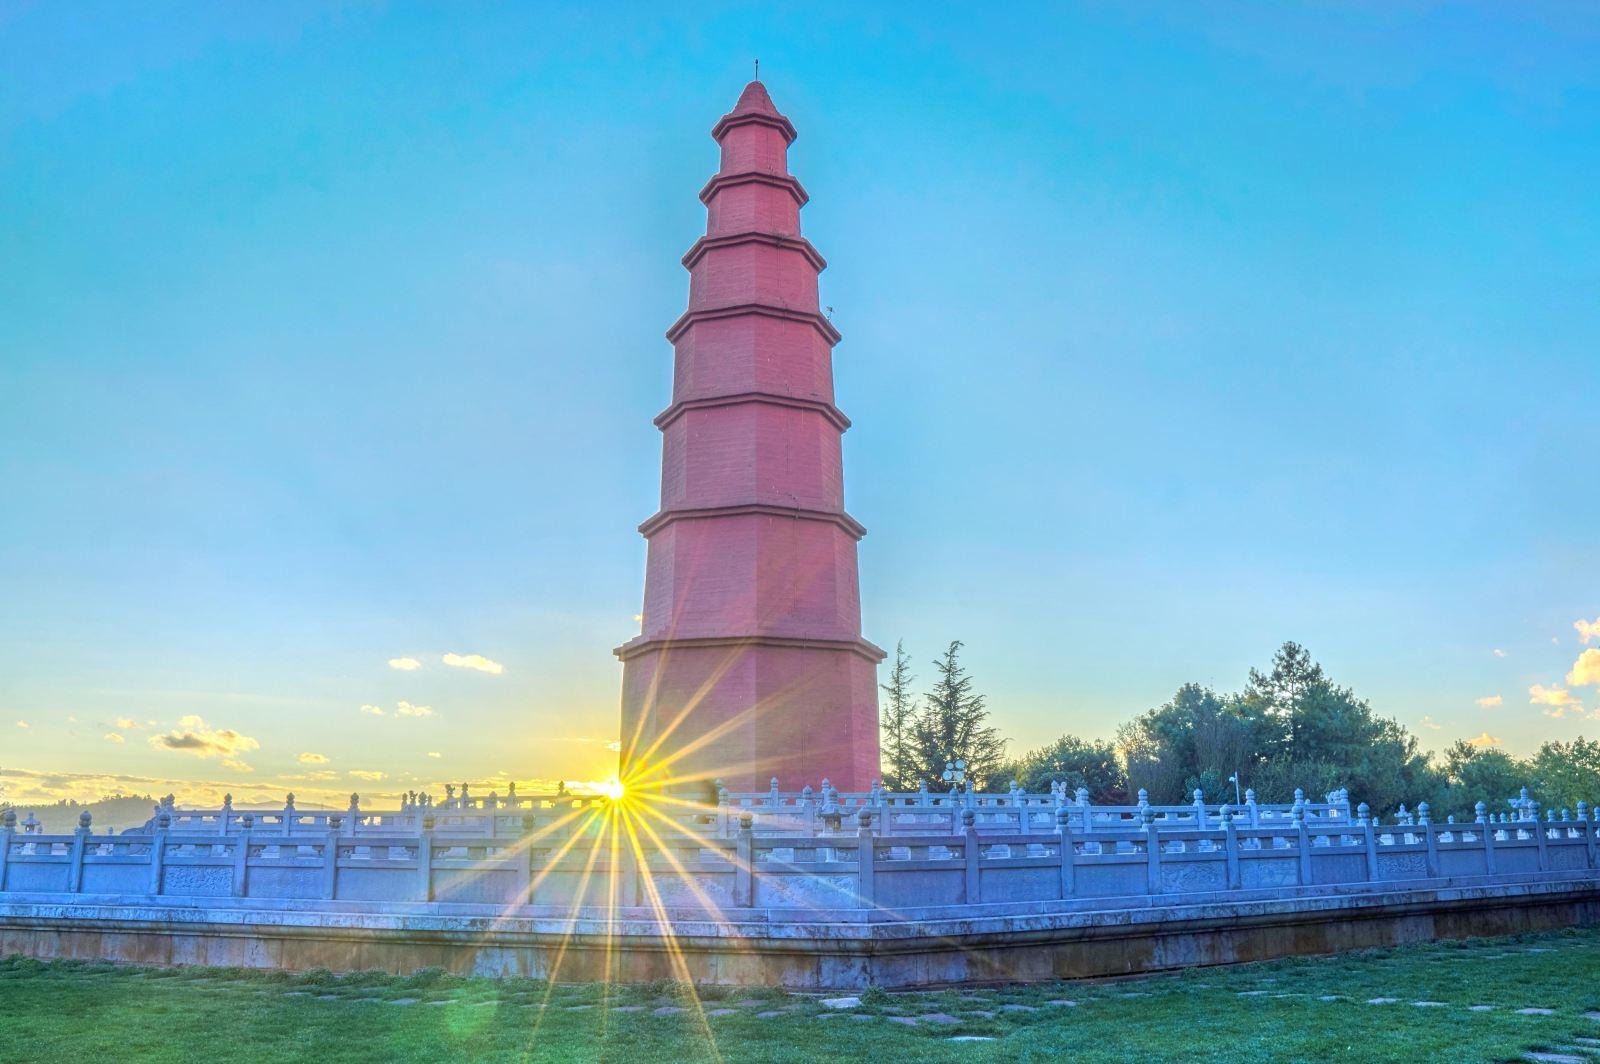 大理洱海之旅——领略山水画廊的魅力